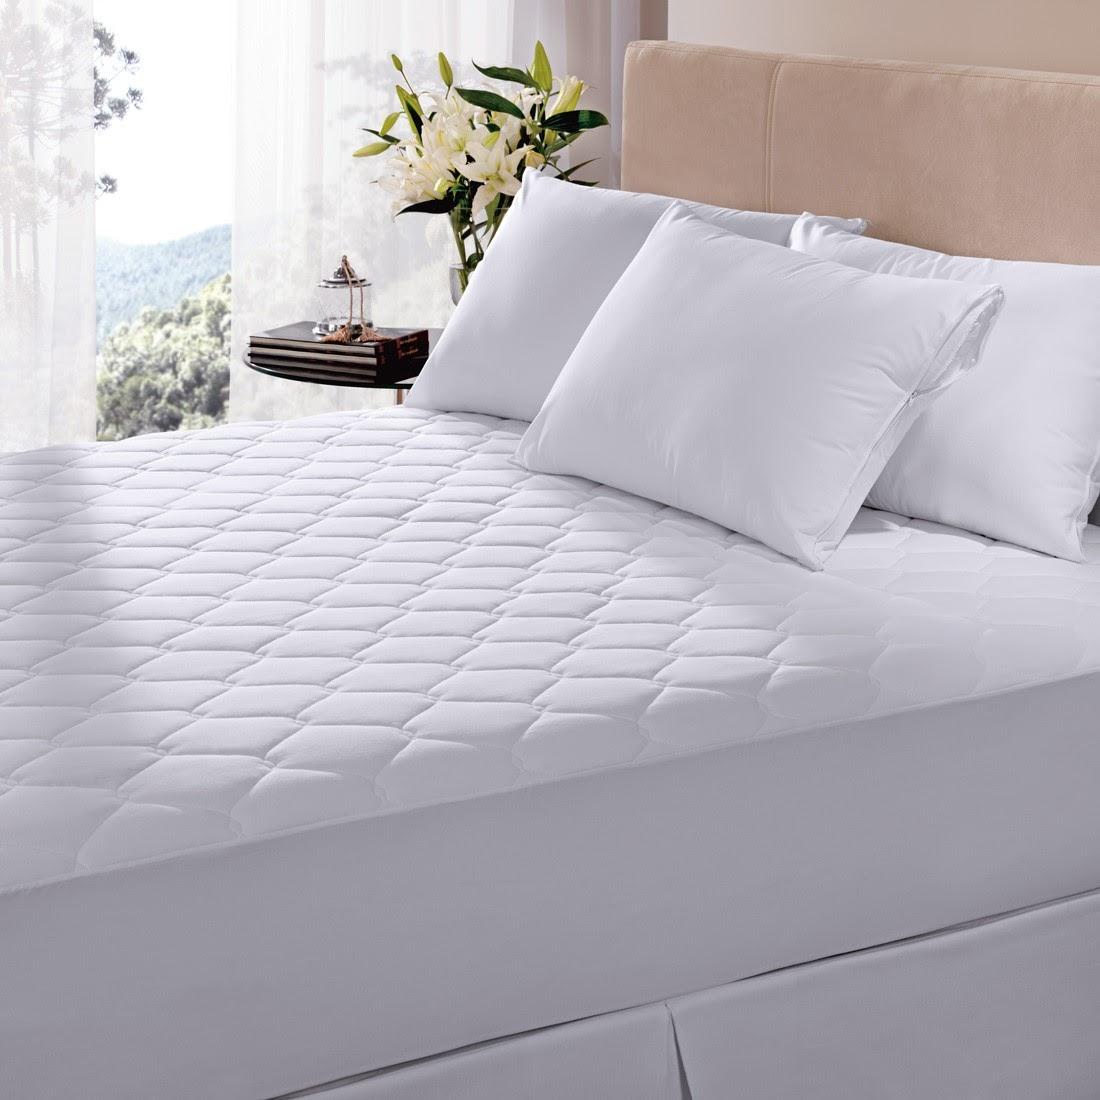 Protetores de colchão e travesseiro: sua saúde agradece